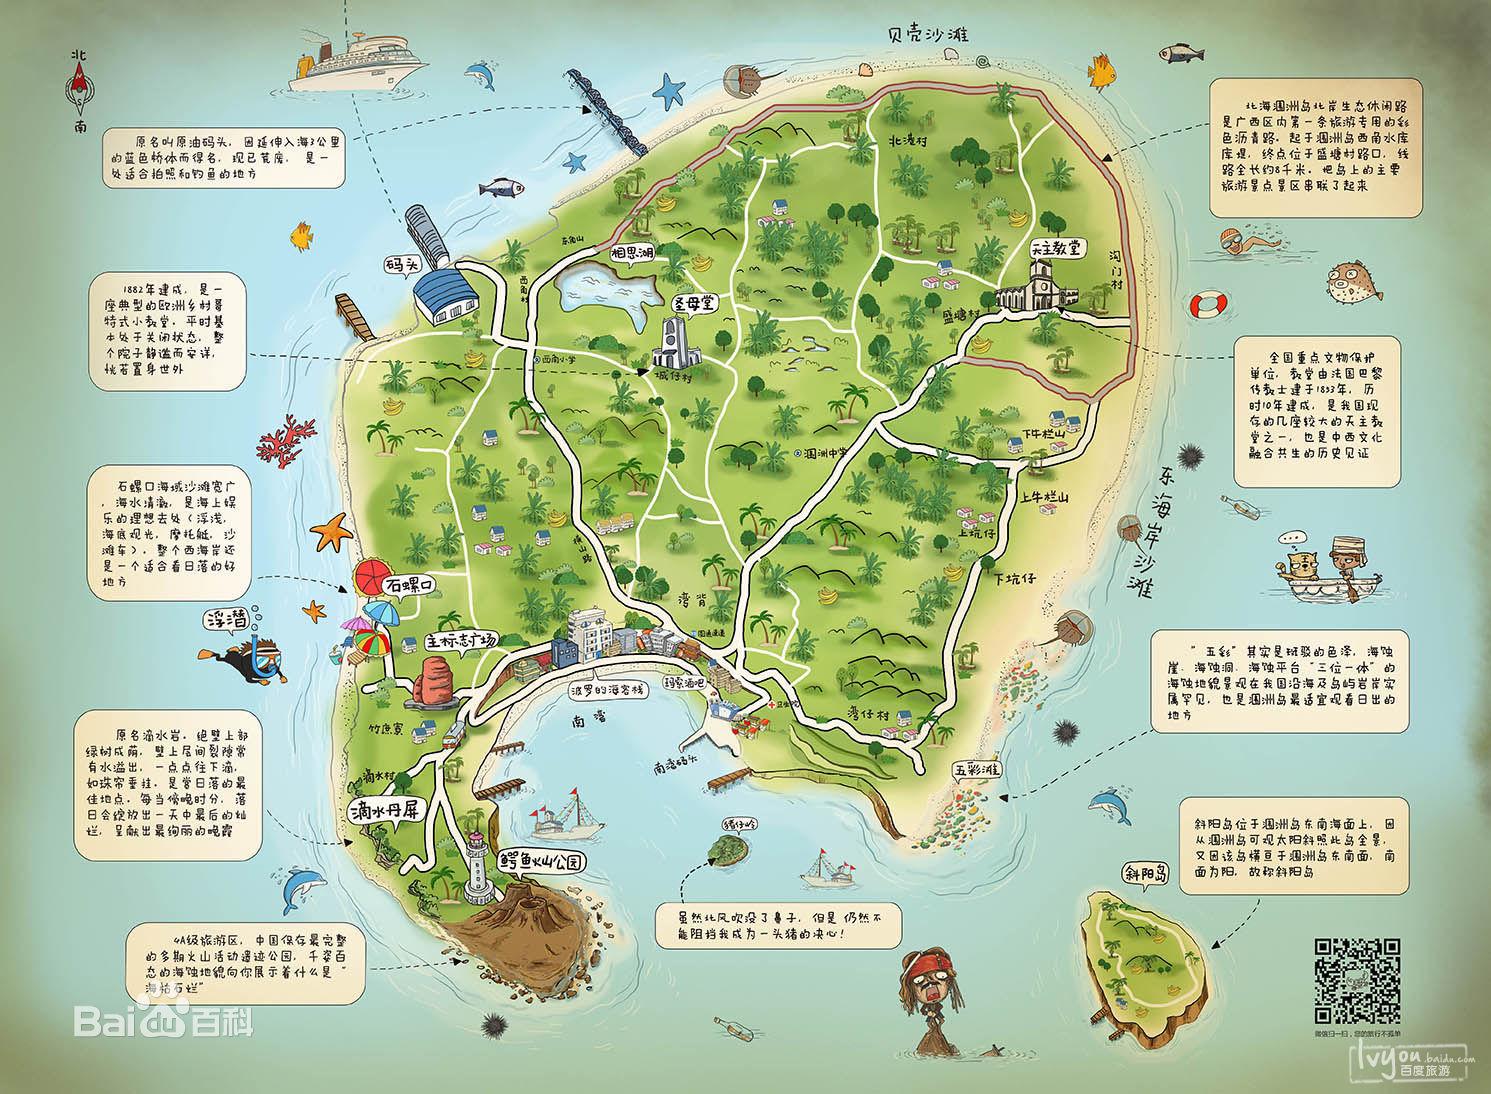 先发一张涠洲岛手绘地图